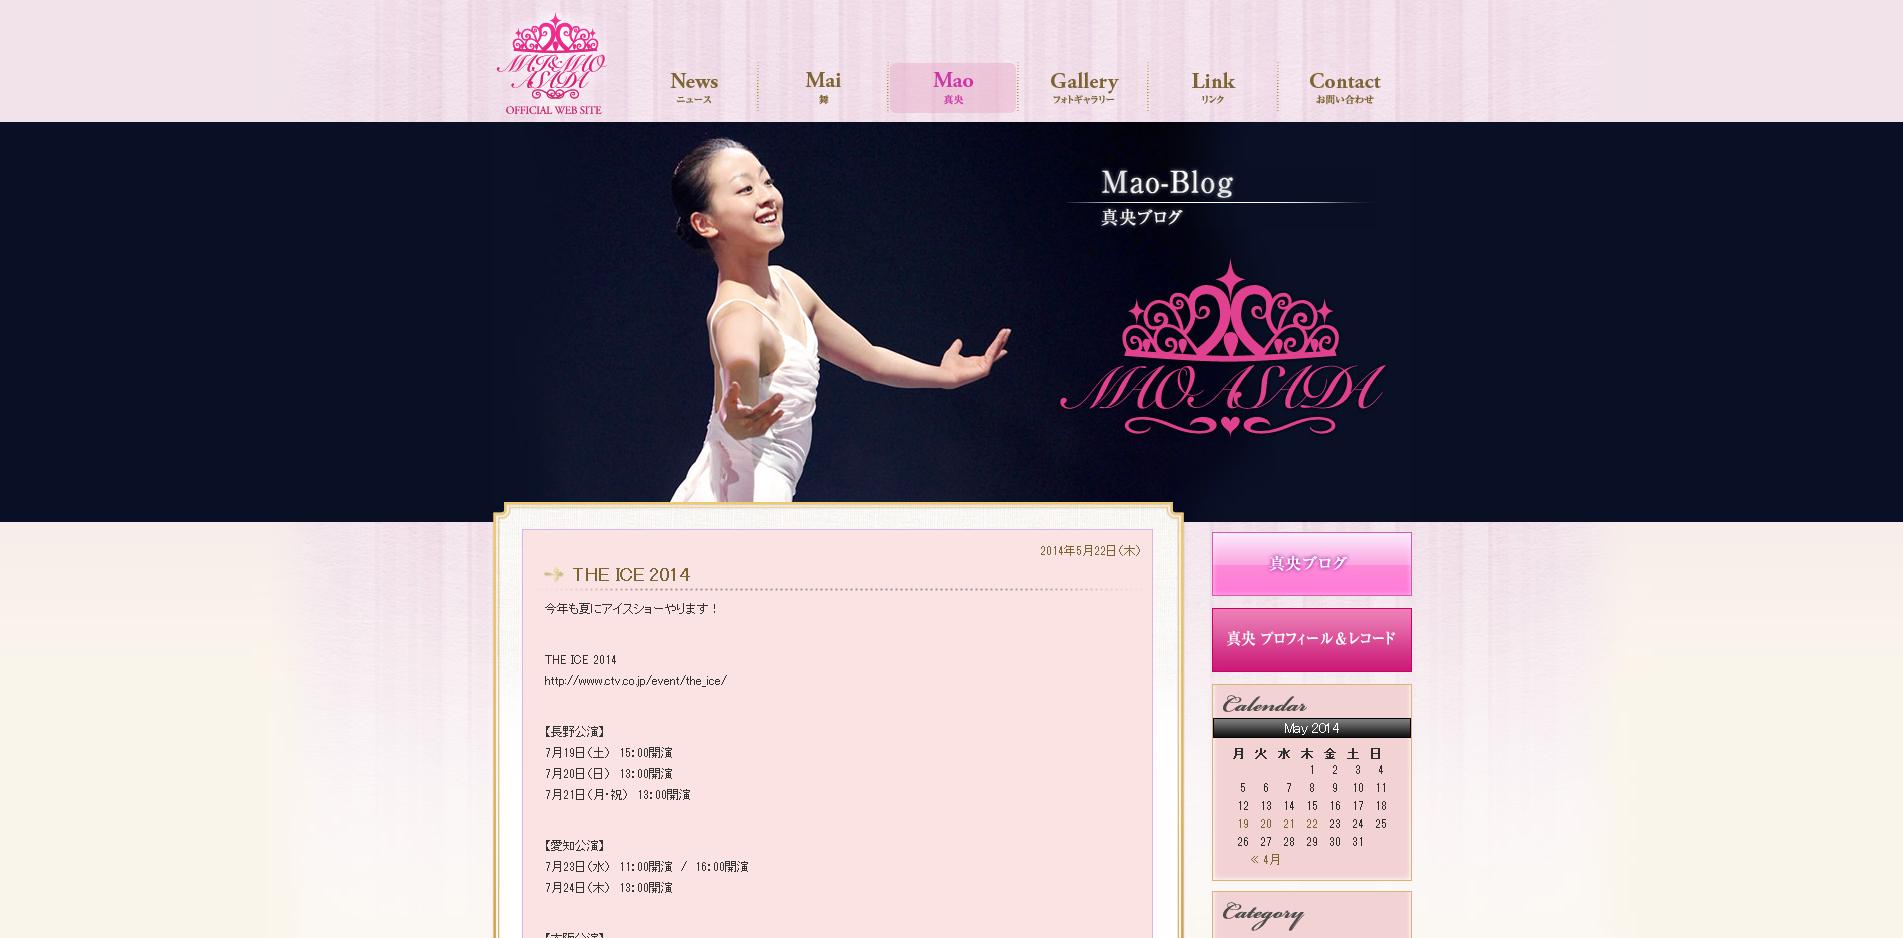 真央ブログ   浅田 舞・浅田 真央オフィシャルウェブサイト